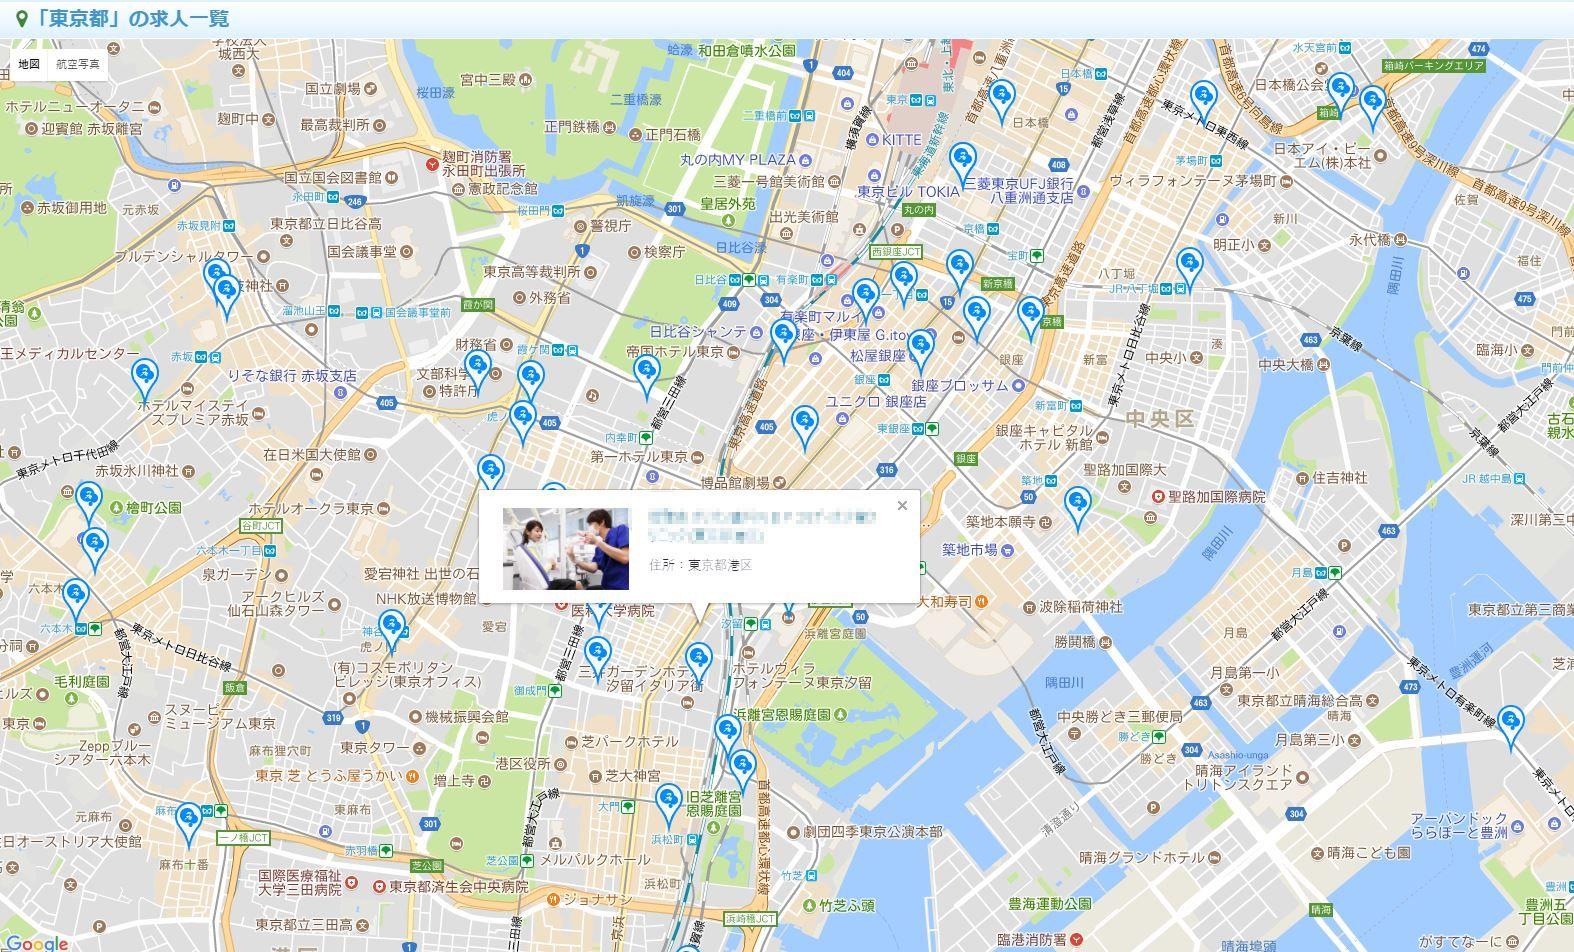 「地図で見る」画面